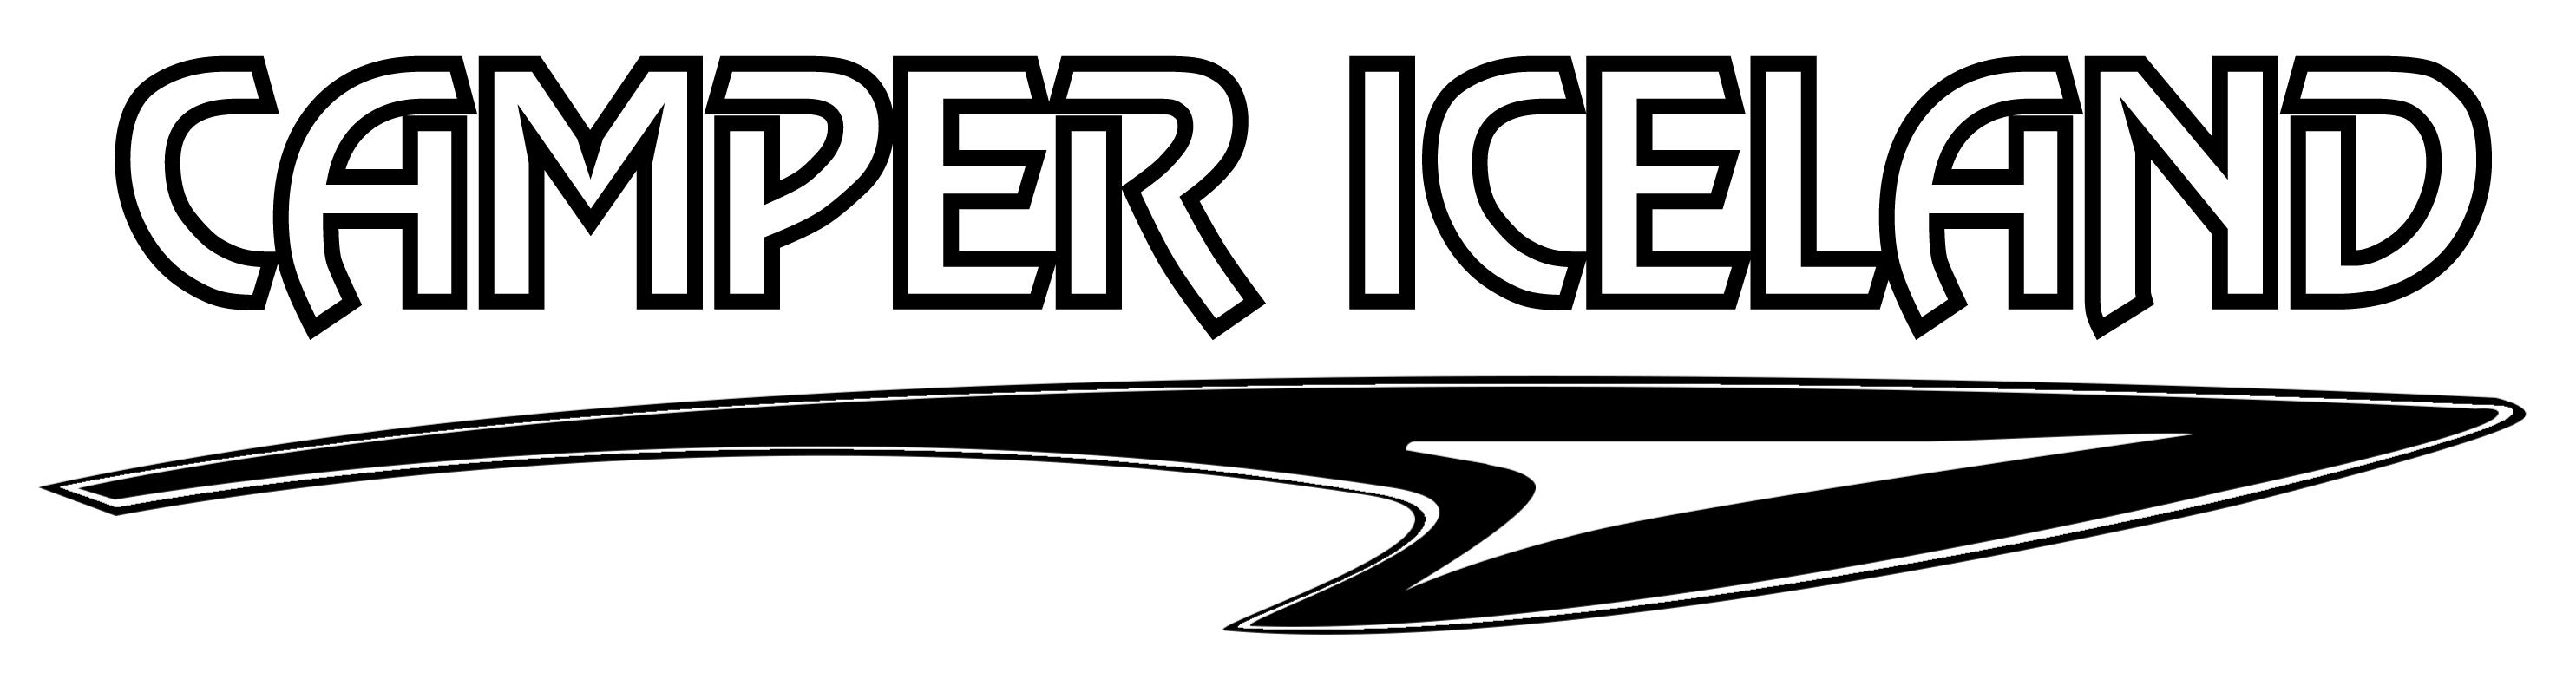 Camper Iceland - Wohnmobile und 4x4 Camper